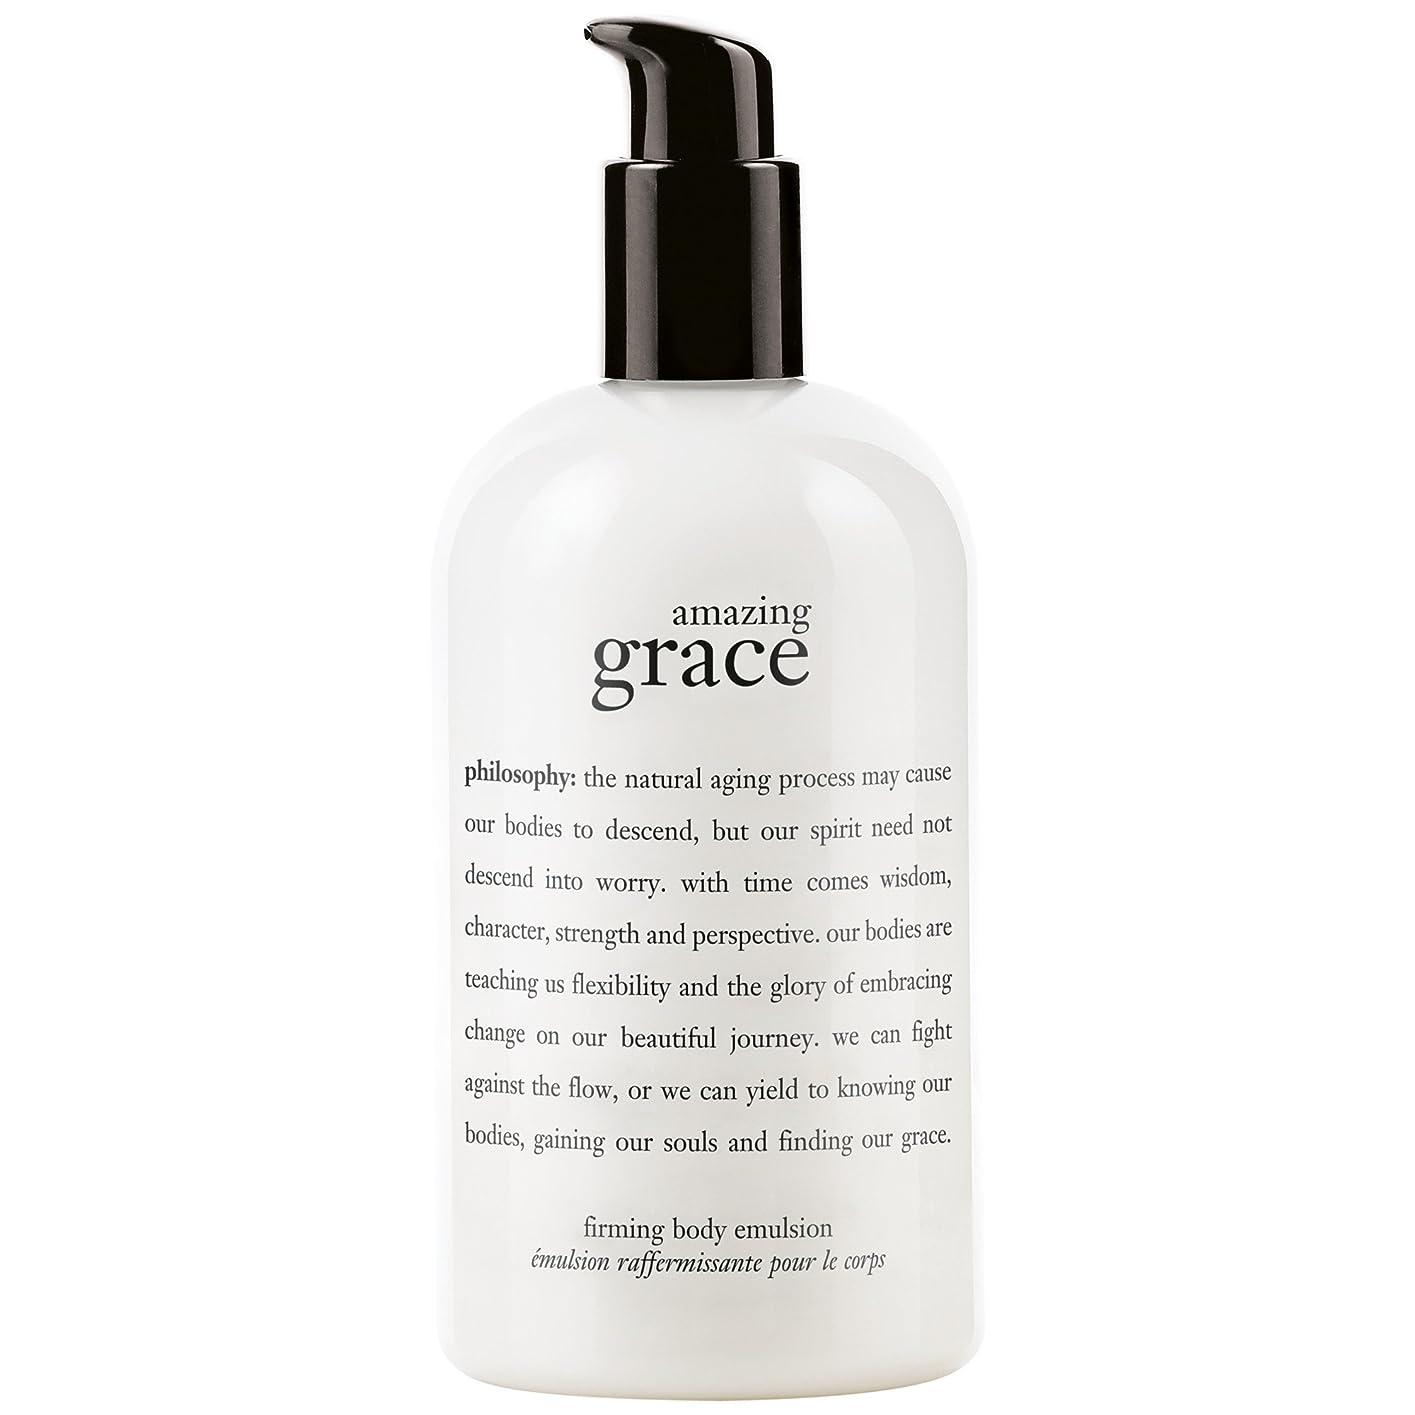 デクリメントスキル廃止する哲学驚くべき恵み引き締めボディエマルジョン480ミリリットル (Philosophy) (x6) - Philosophy Amazing Grace Firming Body Emulsion 480ml (Pack of 6) [並行輸入品]